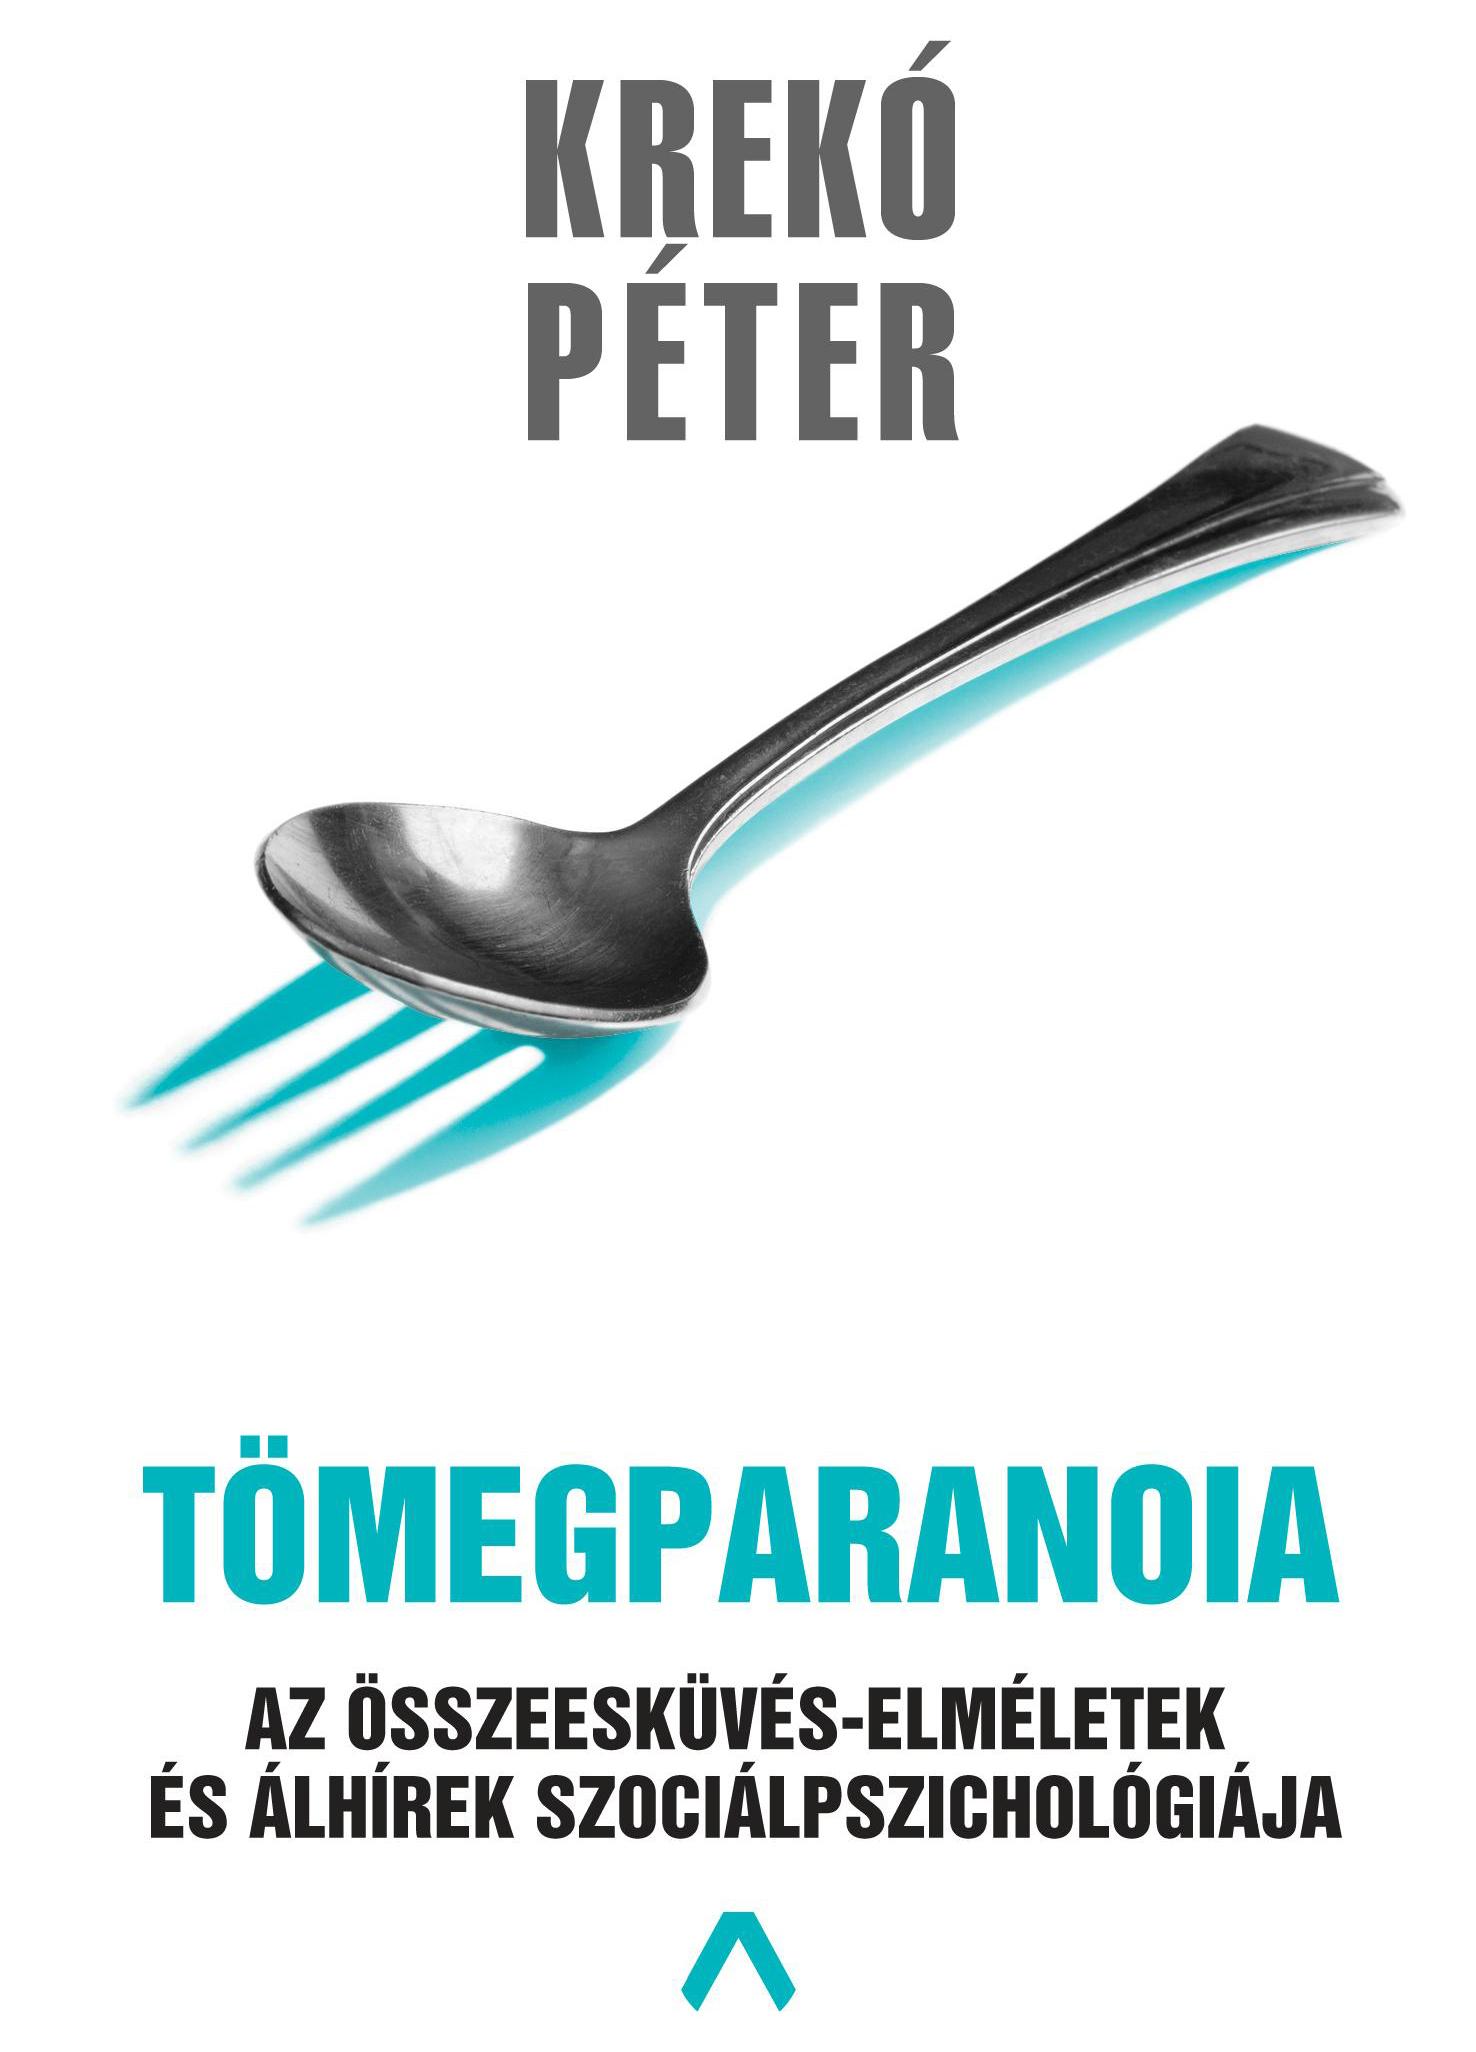 tomegparanoia02.jpg